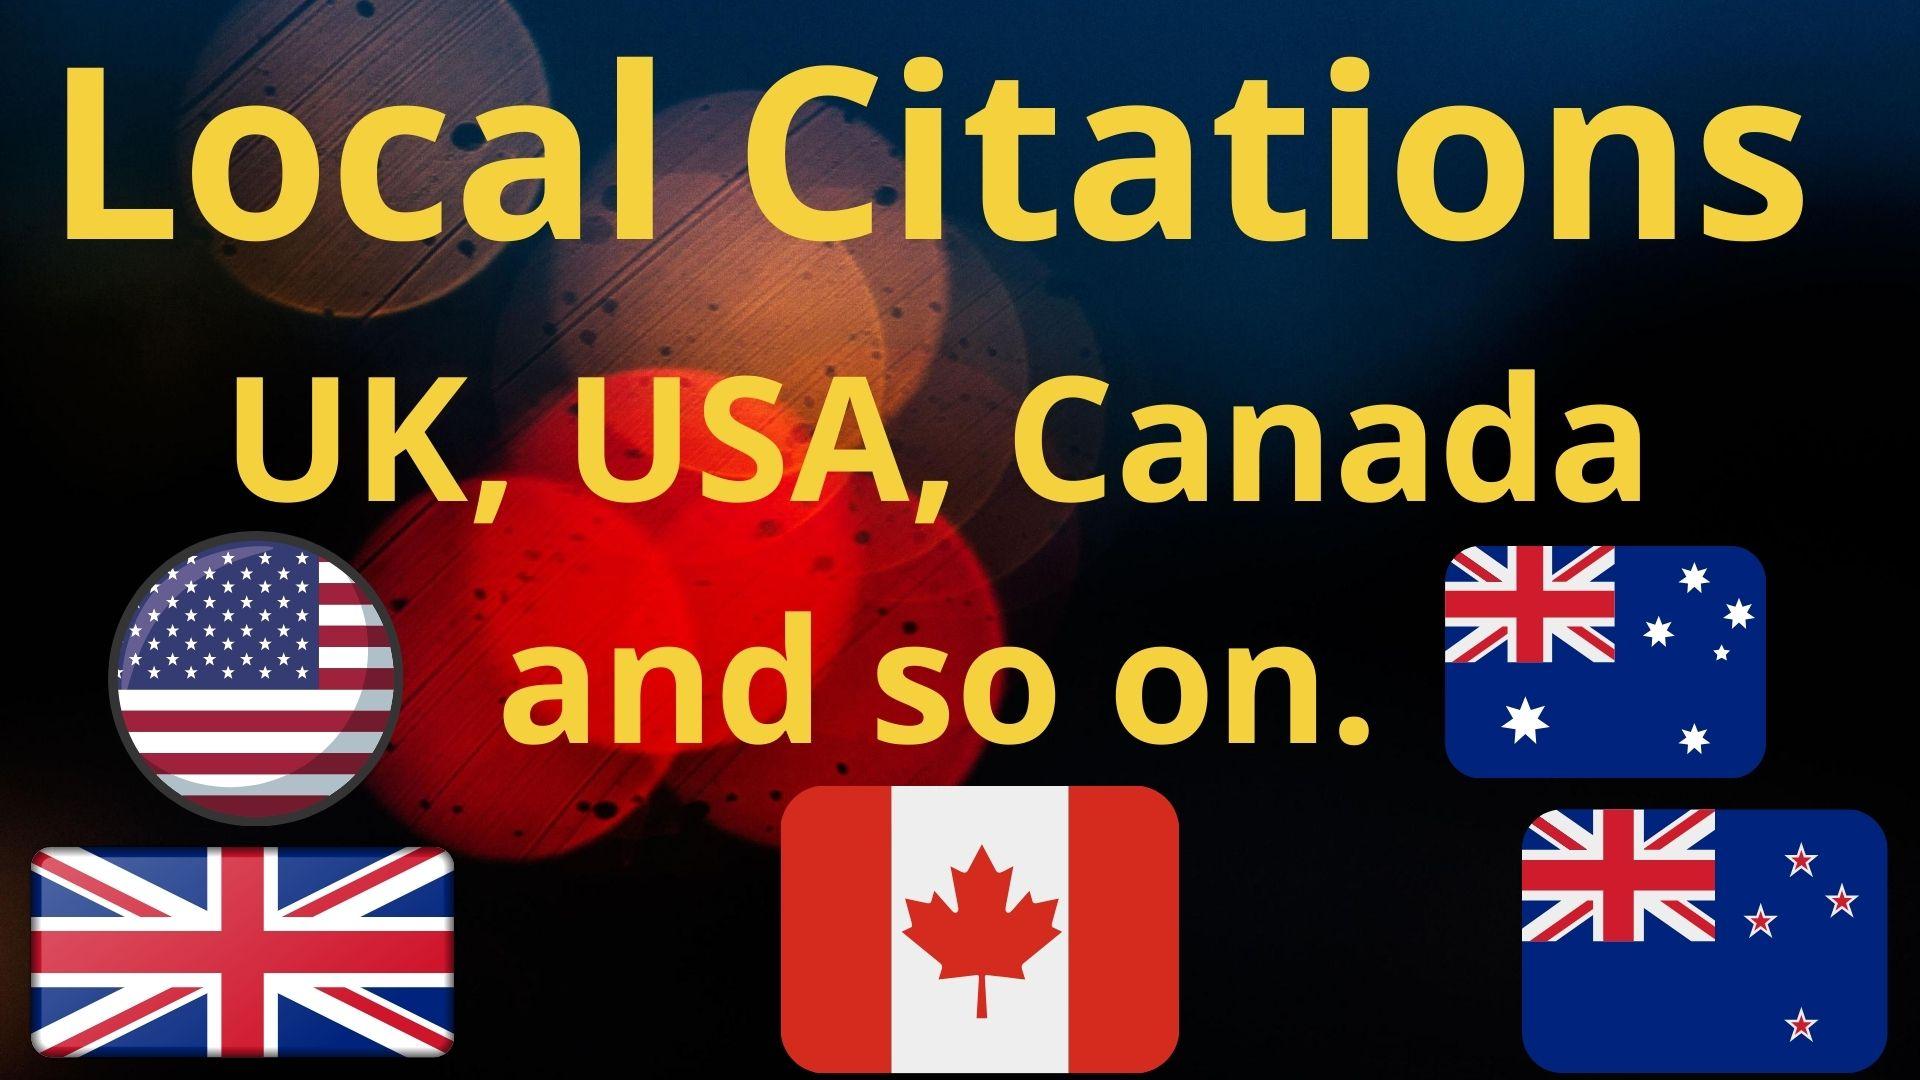 I Will Do High Quality 60 Local Citations.